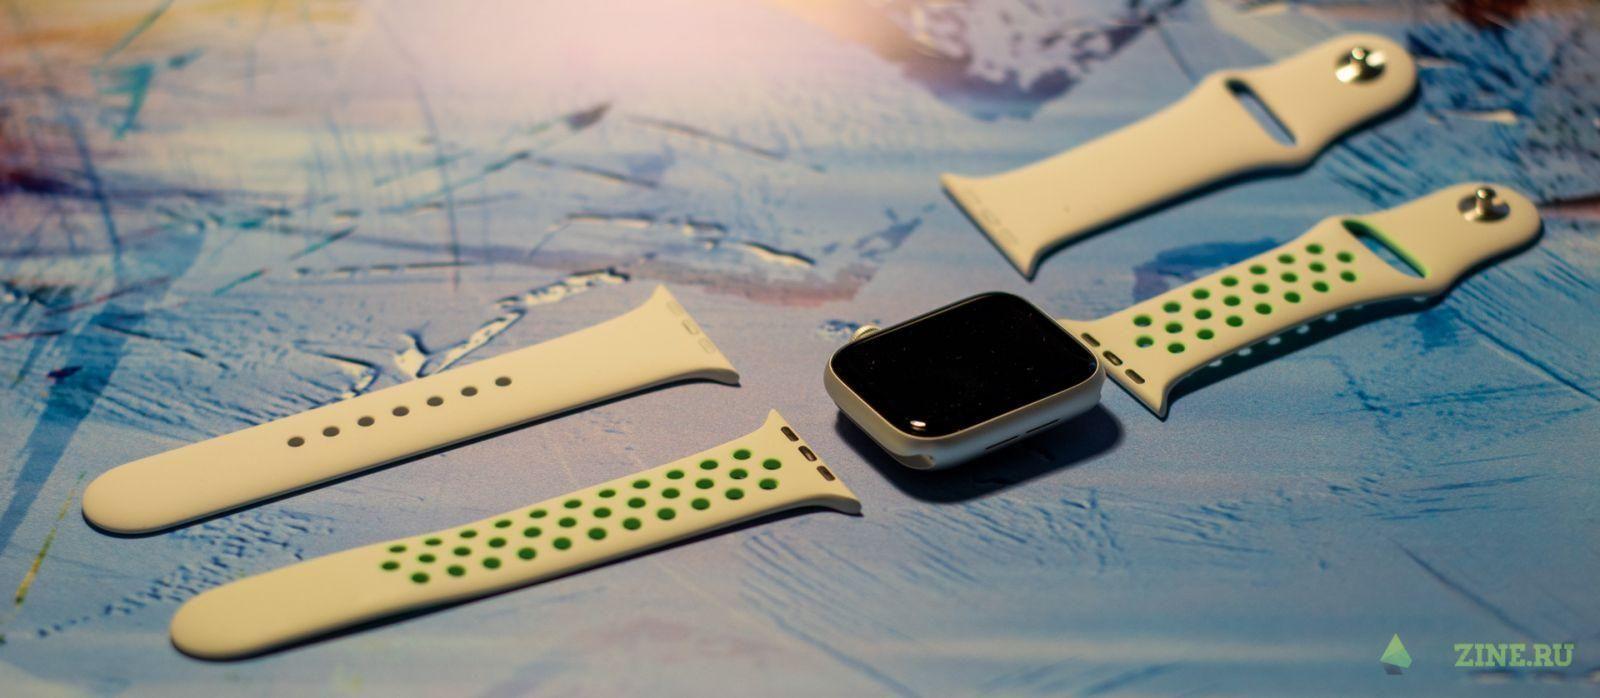 Первый взгляд: обзор Apple Watch series 6 cо сканером кислорода в крови (DSC 9211)